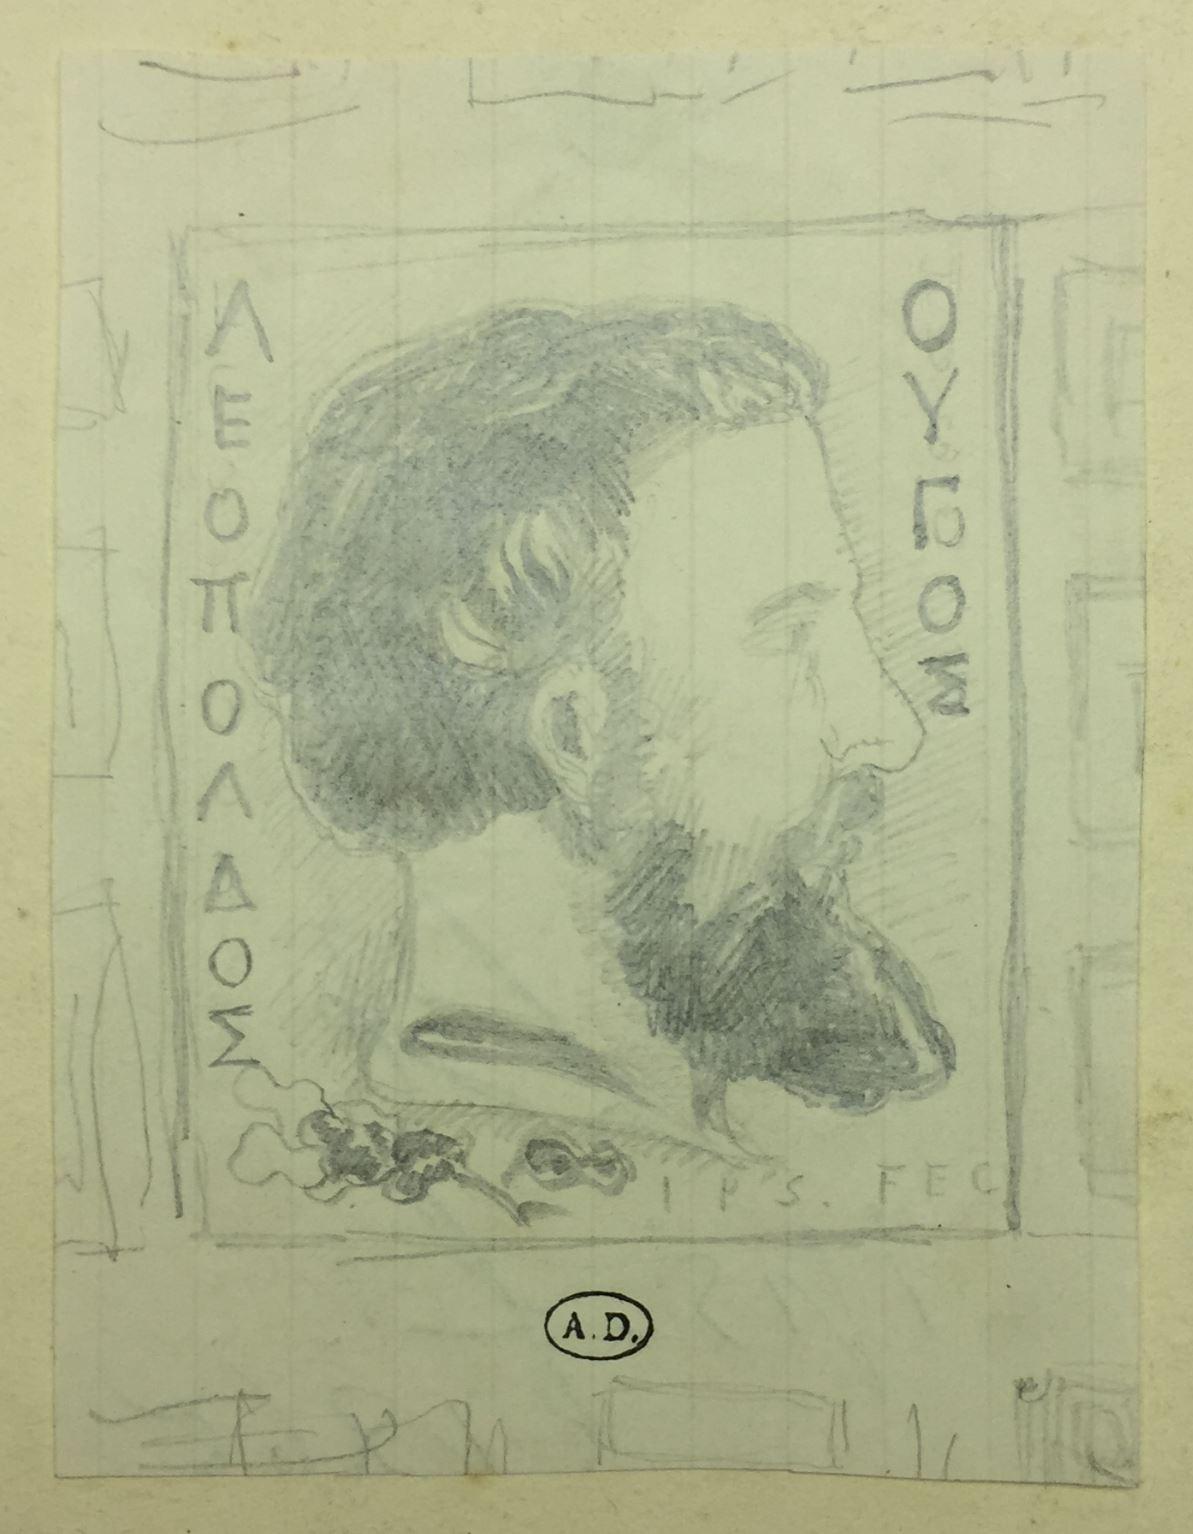 Leopold Armand Hugo Autoportrait grec copyright Musee des Arts Decoratifs Paris